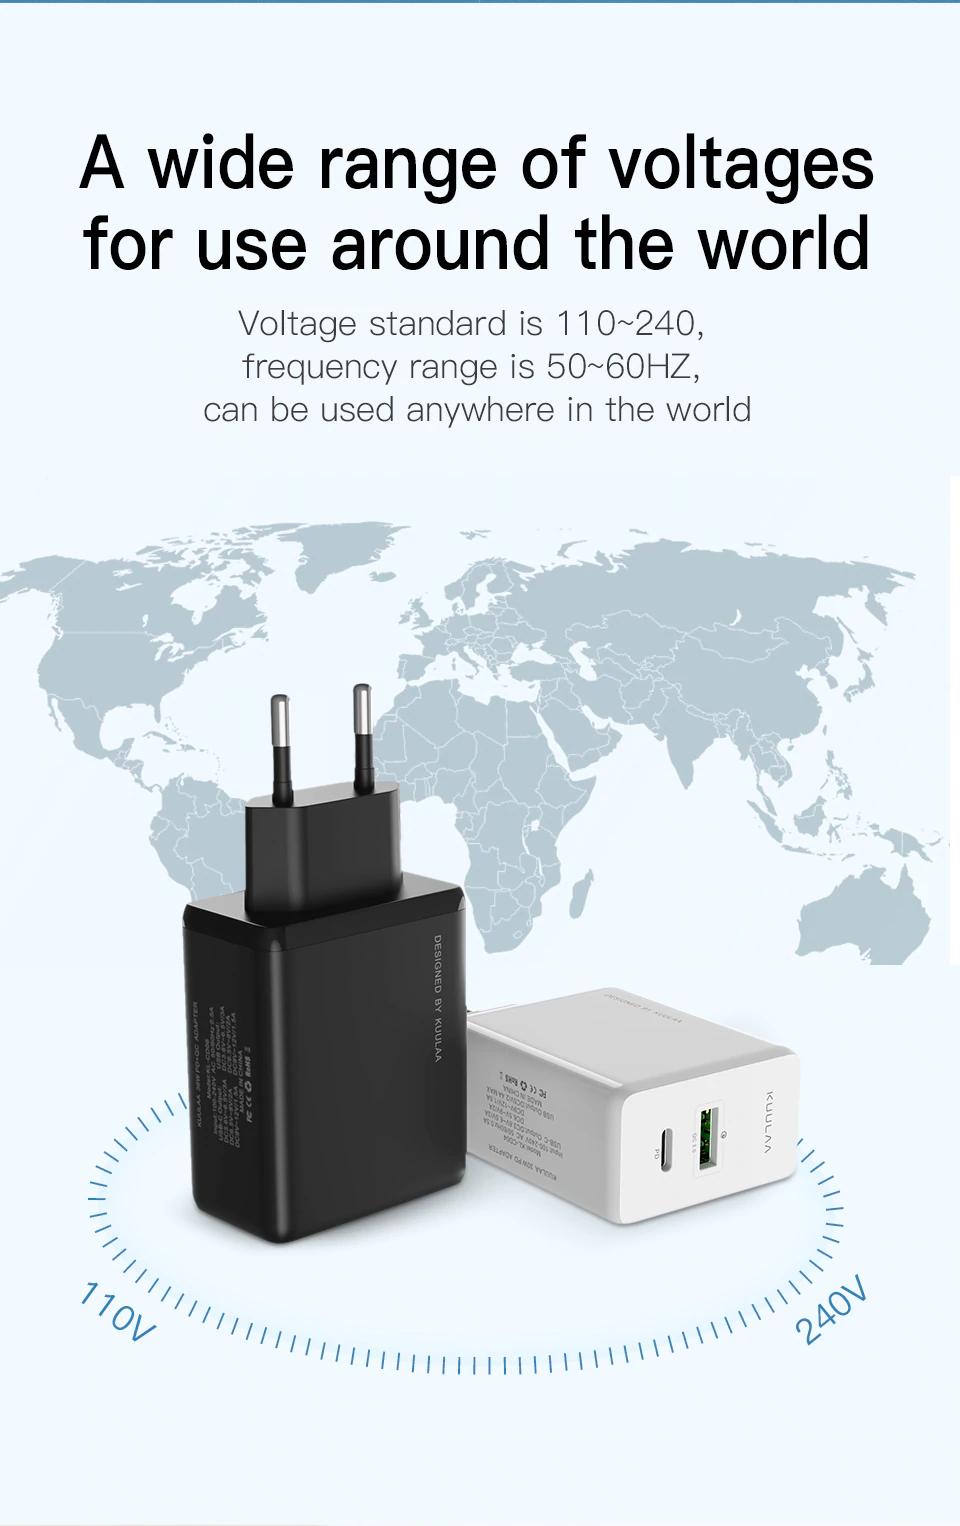 Ładowarka Kuulaa (USB z QC 3.0 i USB-C z PD) biała lub czarna @ AliExpress